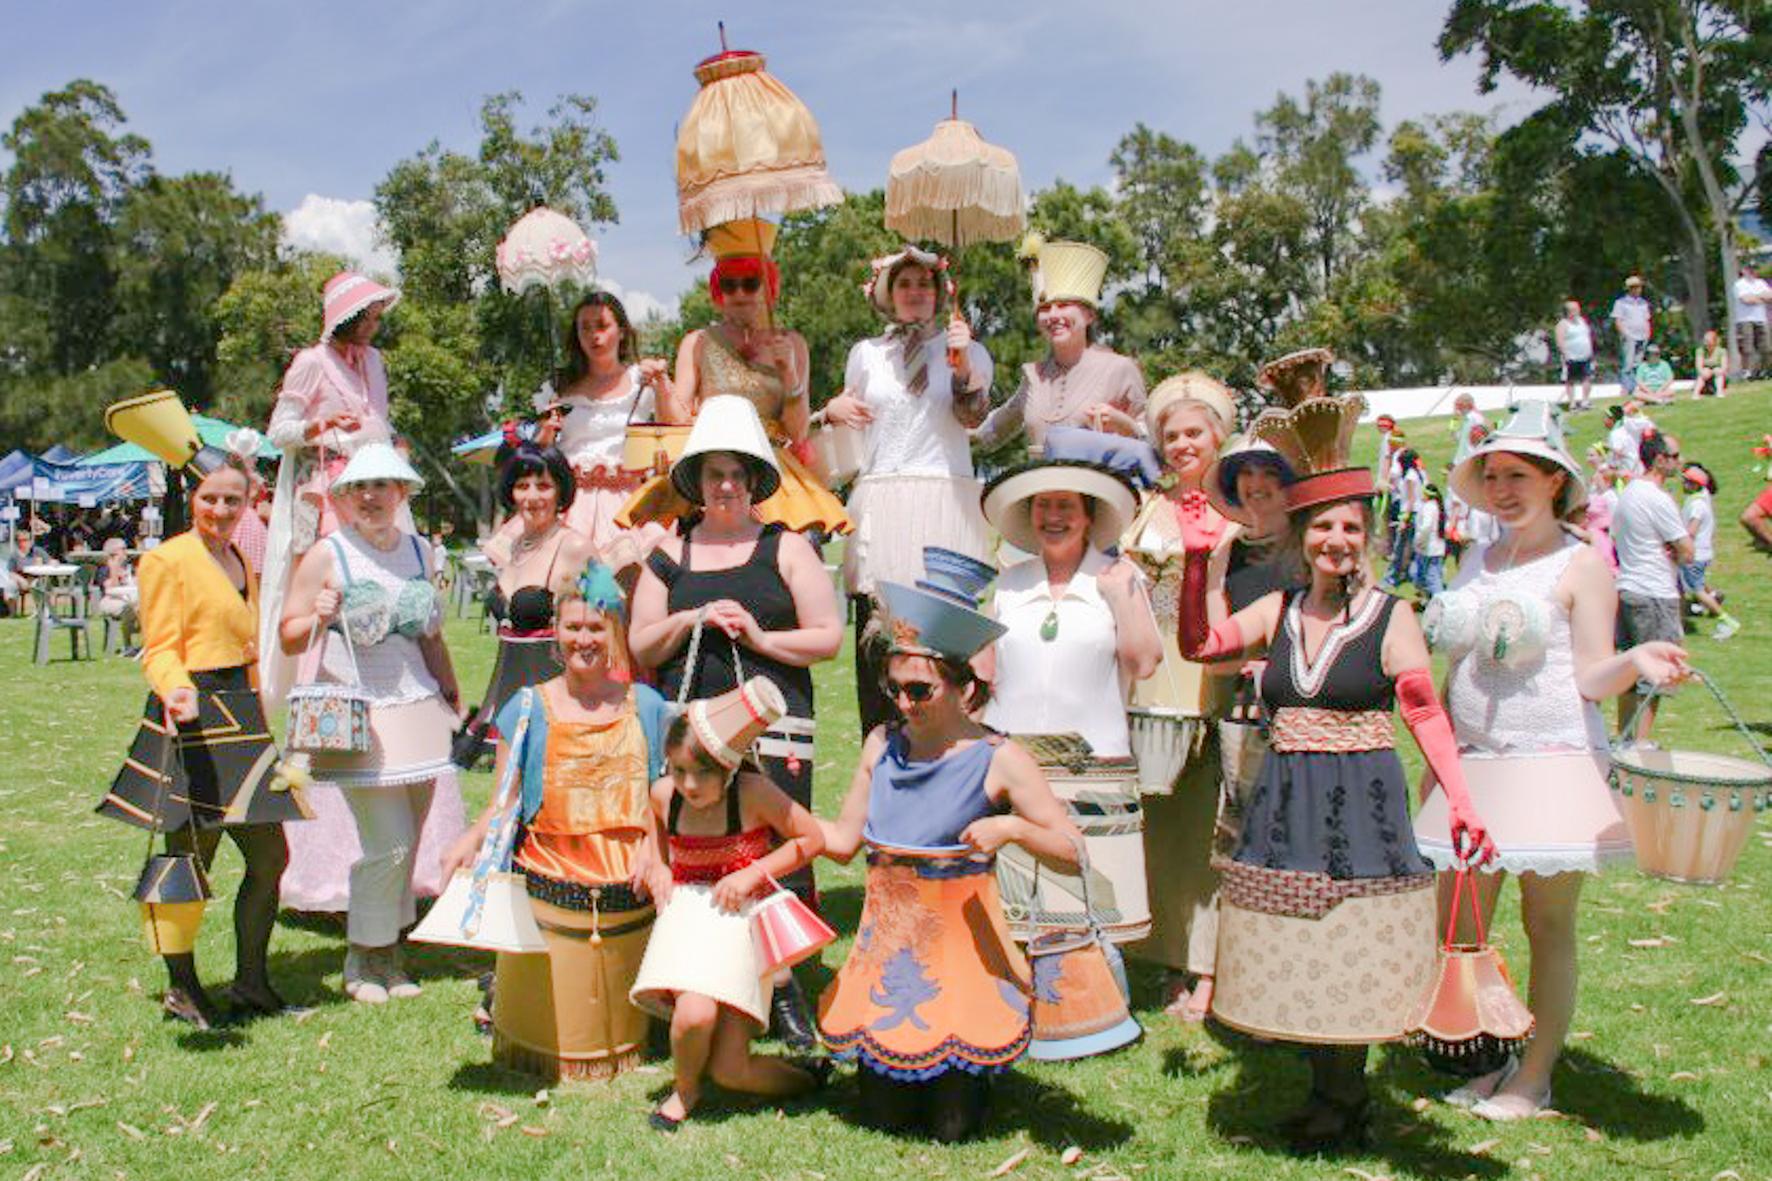 Wow women @ Viva la Gong 2011 (Photo by Nonee Walsh)